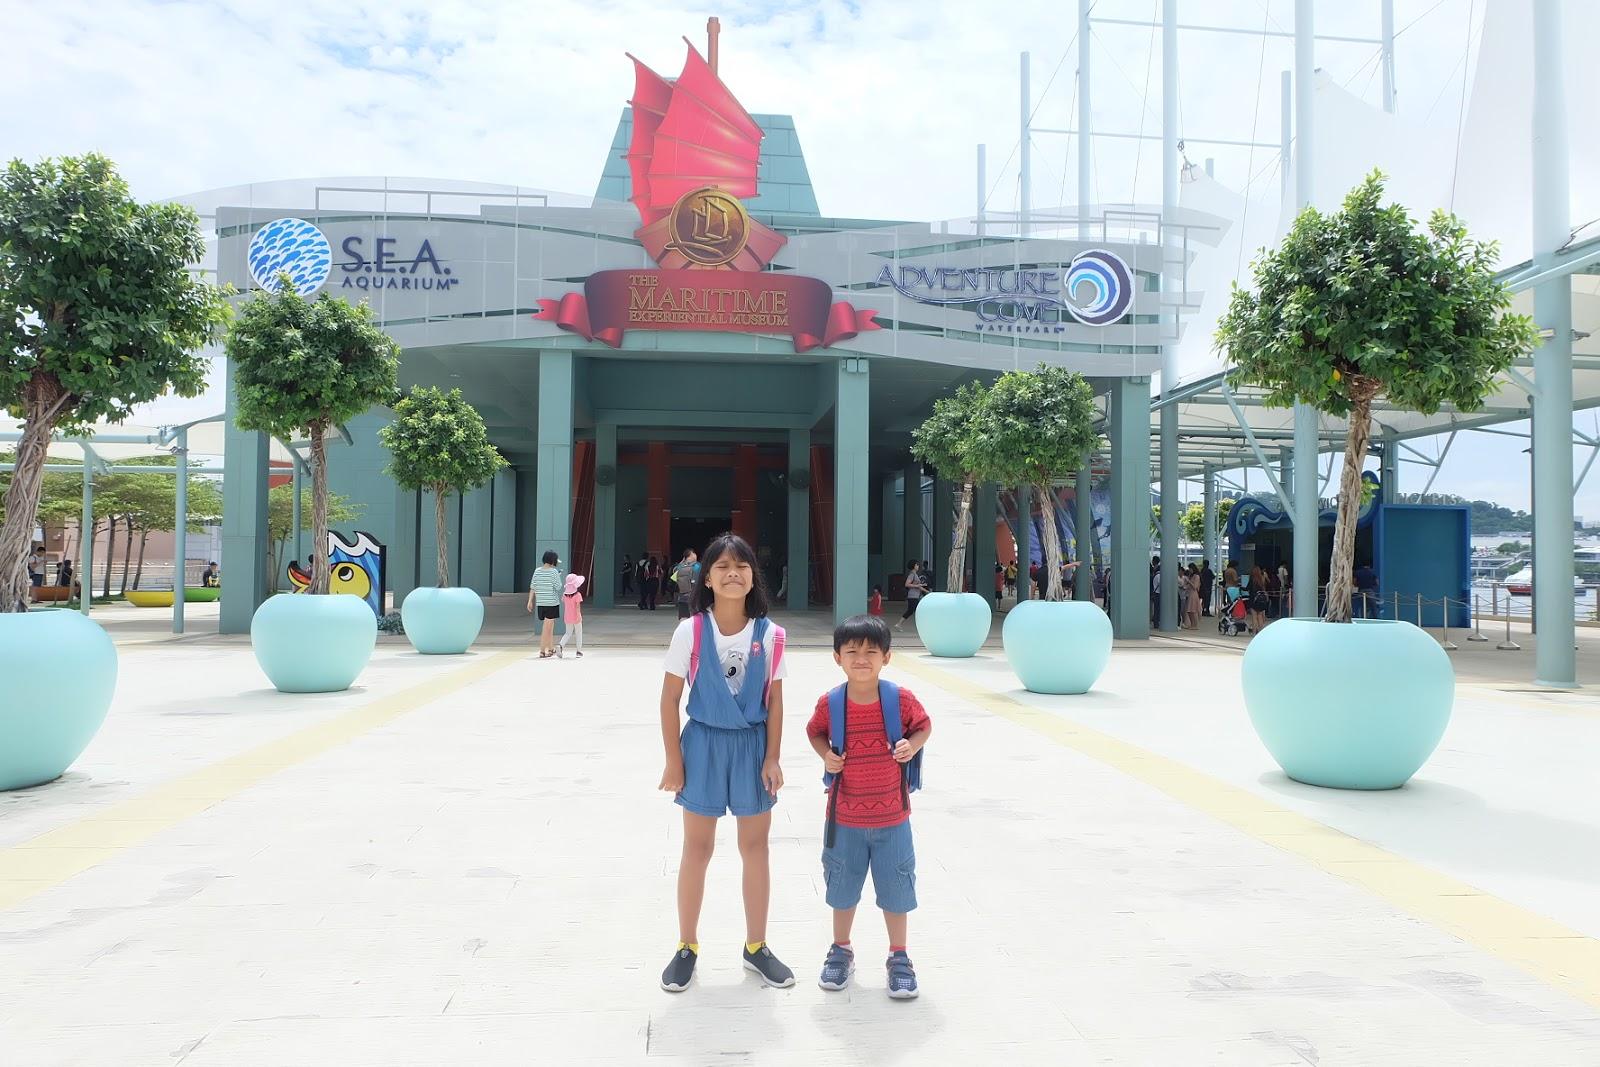 City Tour In Singapore Mustafa Uss River Merlion Sea Aquarium Dewasa